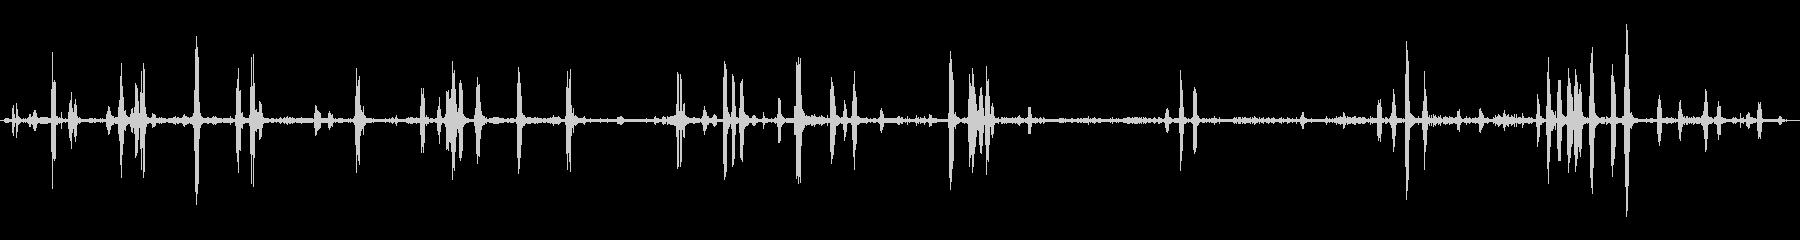 ヒヒのグループ:ブラシバックグラウ...の未再生の波形